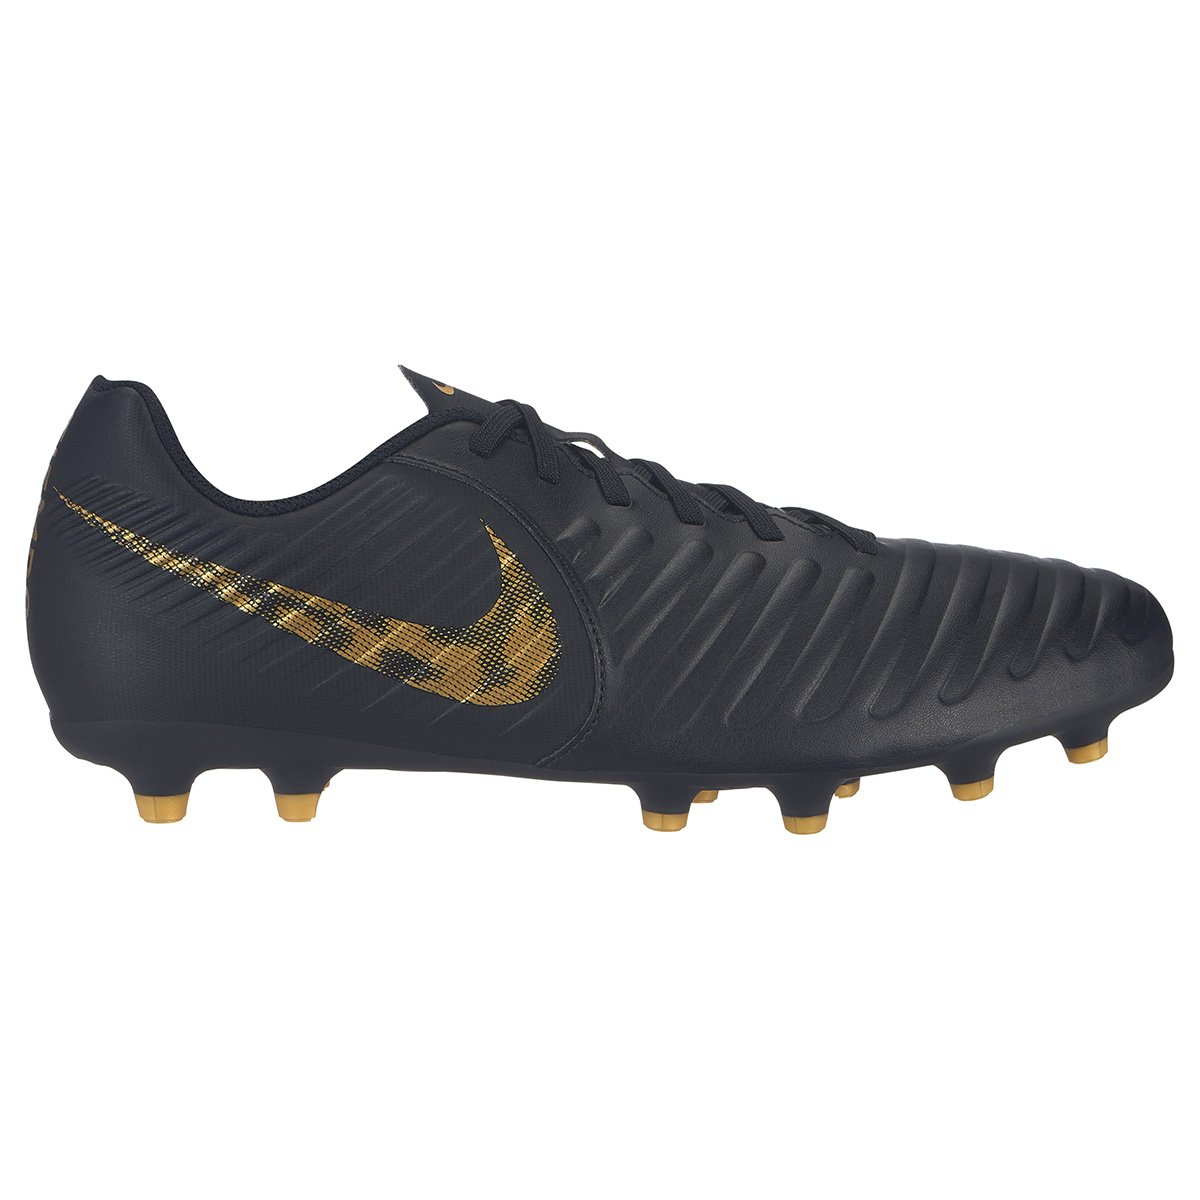 992eea5046ada Chuteira Campo Nike Tiempo Legend 7 Club FG - Preto e Dourado - Compre Agora